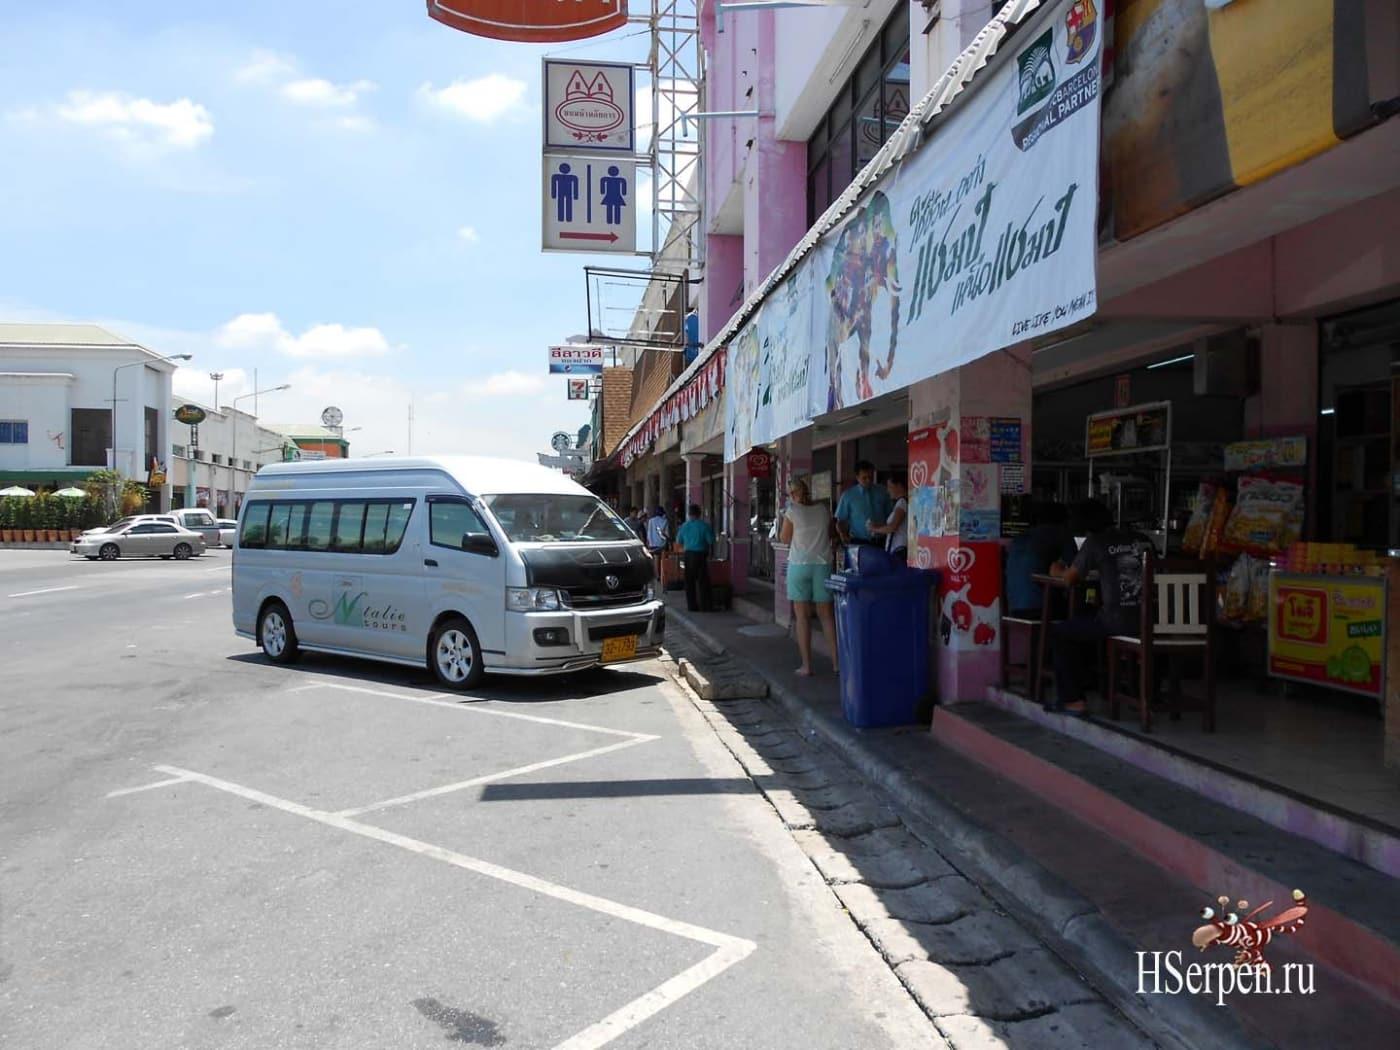 Стоит ли смотреть на Таиланд из окна автомобиля?